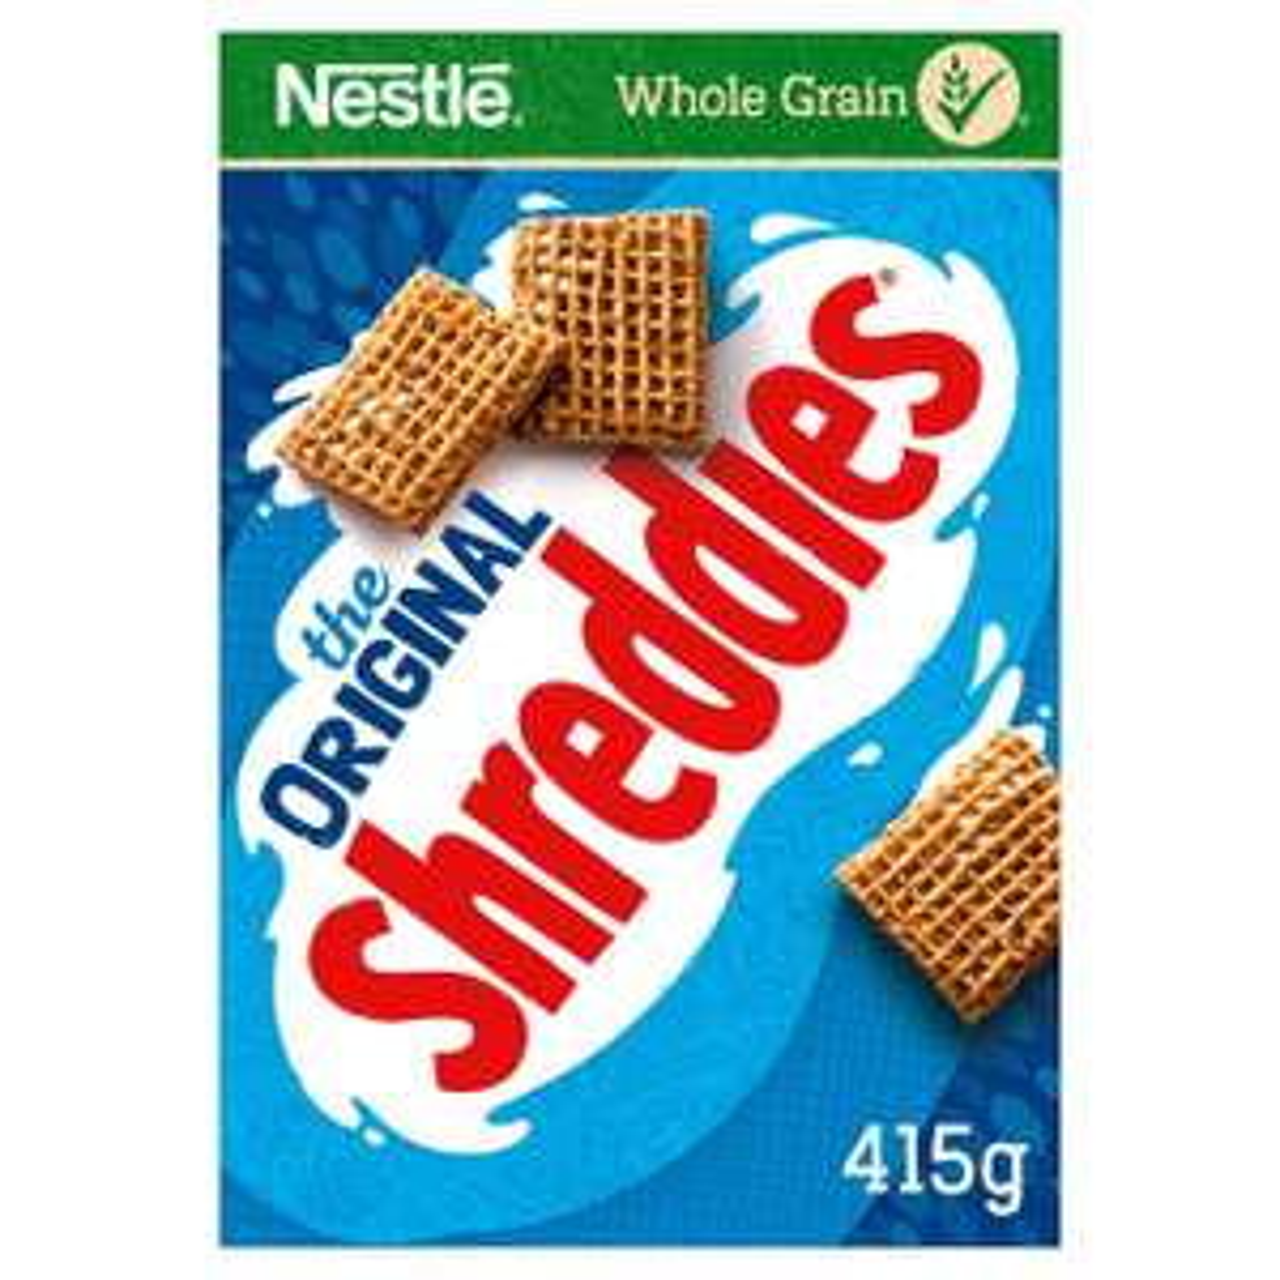 Nestle Shreddies Original Cereal 415g £1.05 @ Morrisons